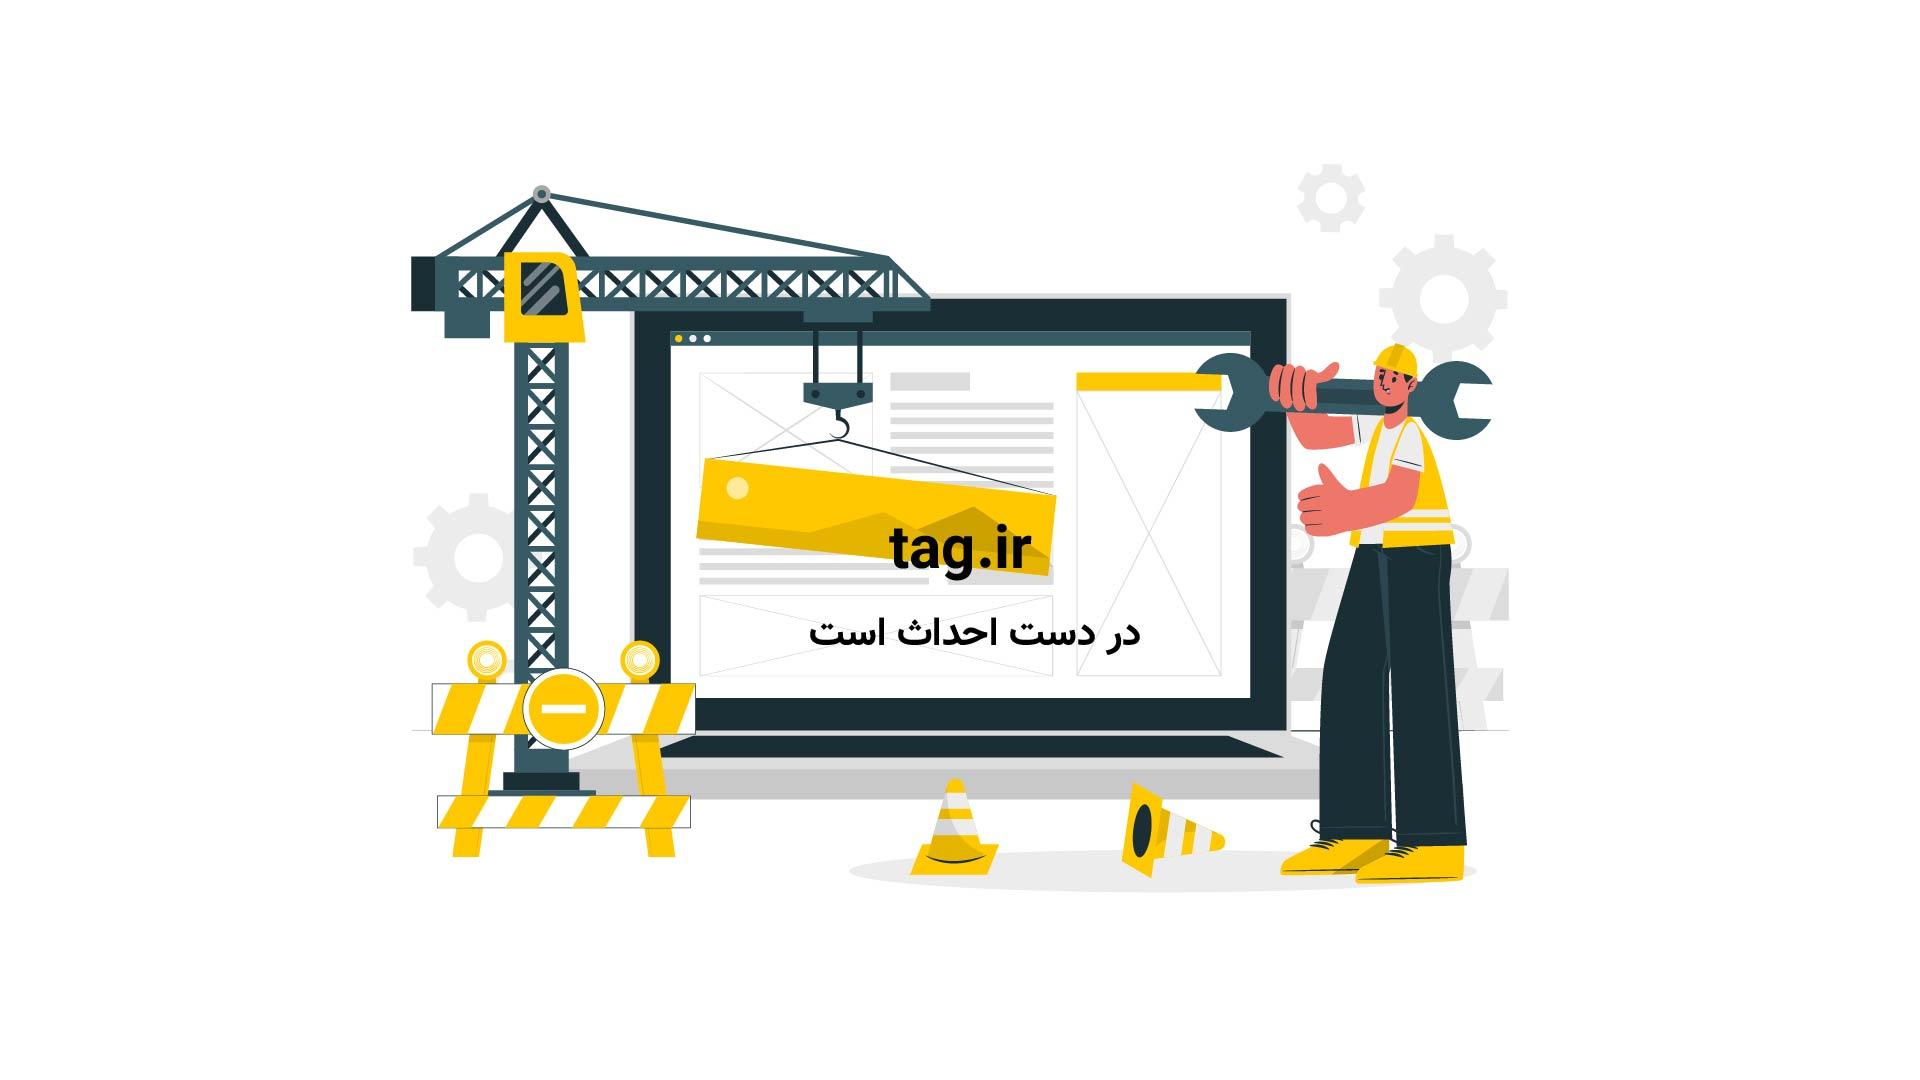 رونمایی از تیزر فیلم سینمایی «بی نامی» با بازی باران کوثری | فیلم